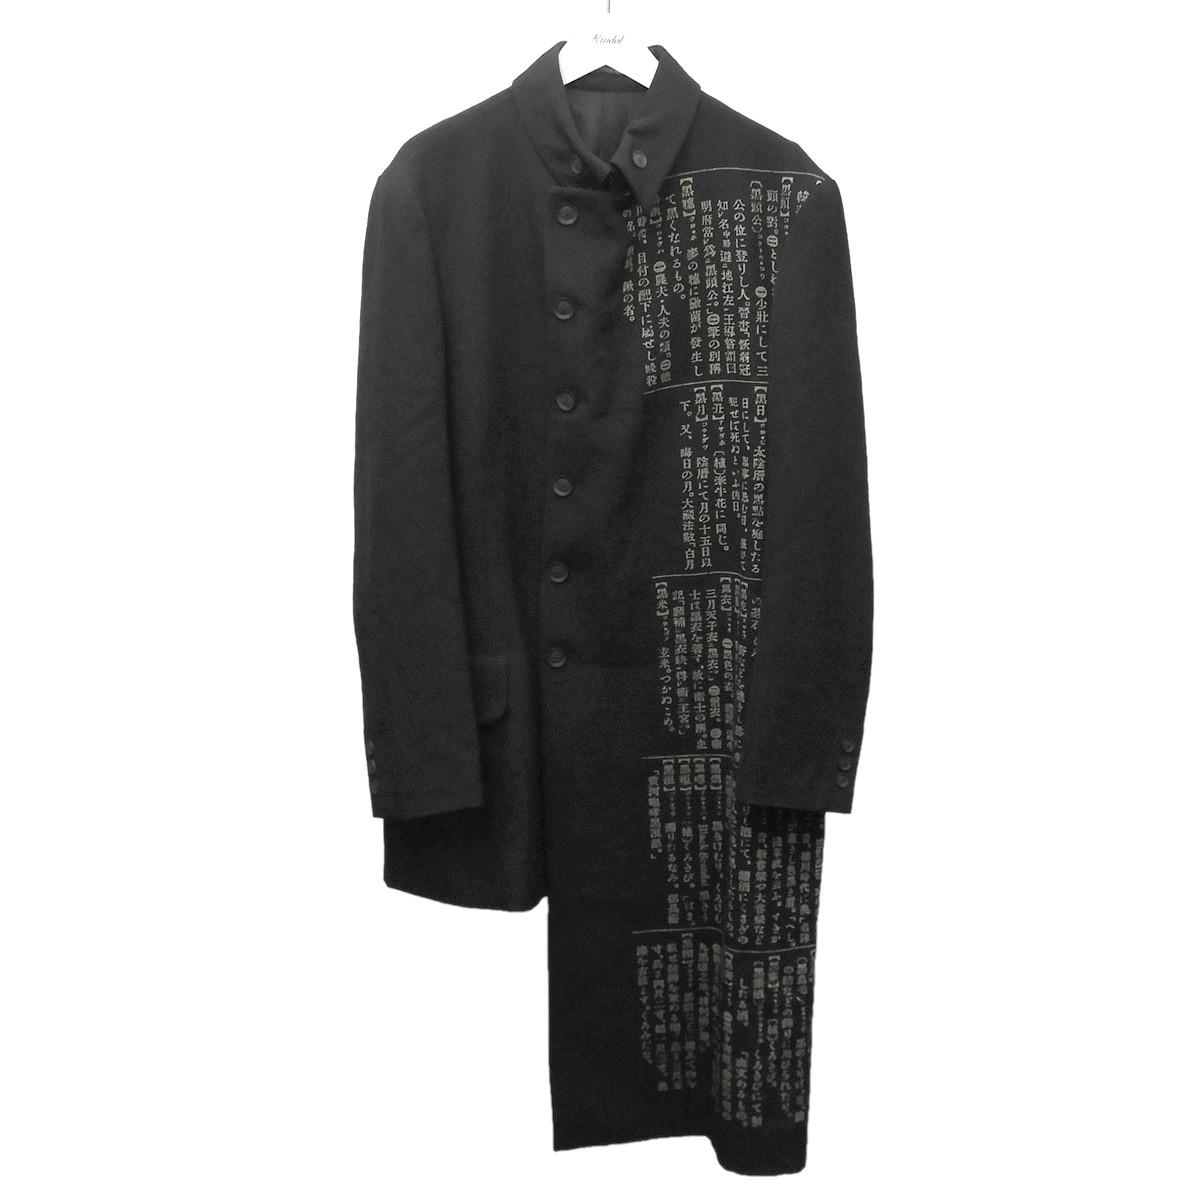 【中古】YOHJI YAMAMOTO pour homme 2019AW アシメ辞書ジャケット ブラック サイズ:3 【310820】(ヨウジヤマモトプールオム)